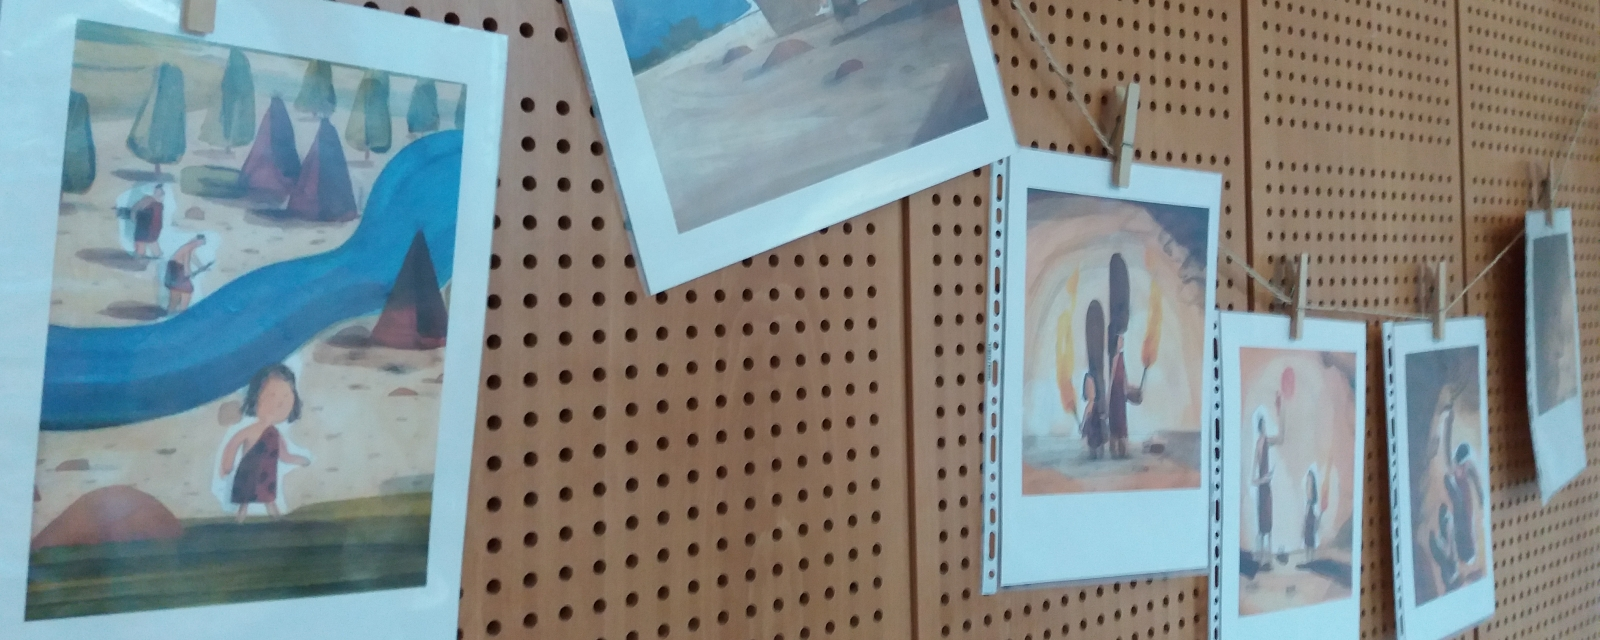 NDLL2019#2 Raconter des histoires de fil en image et hors cadre